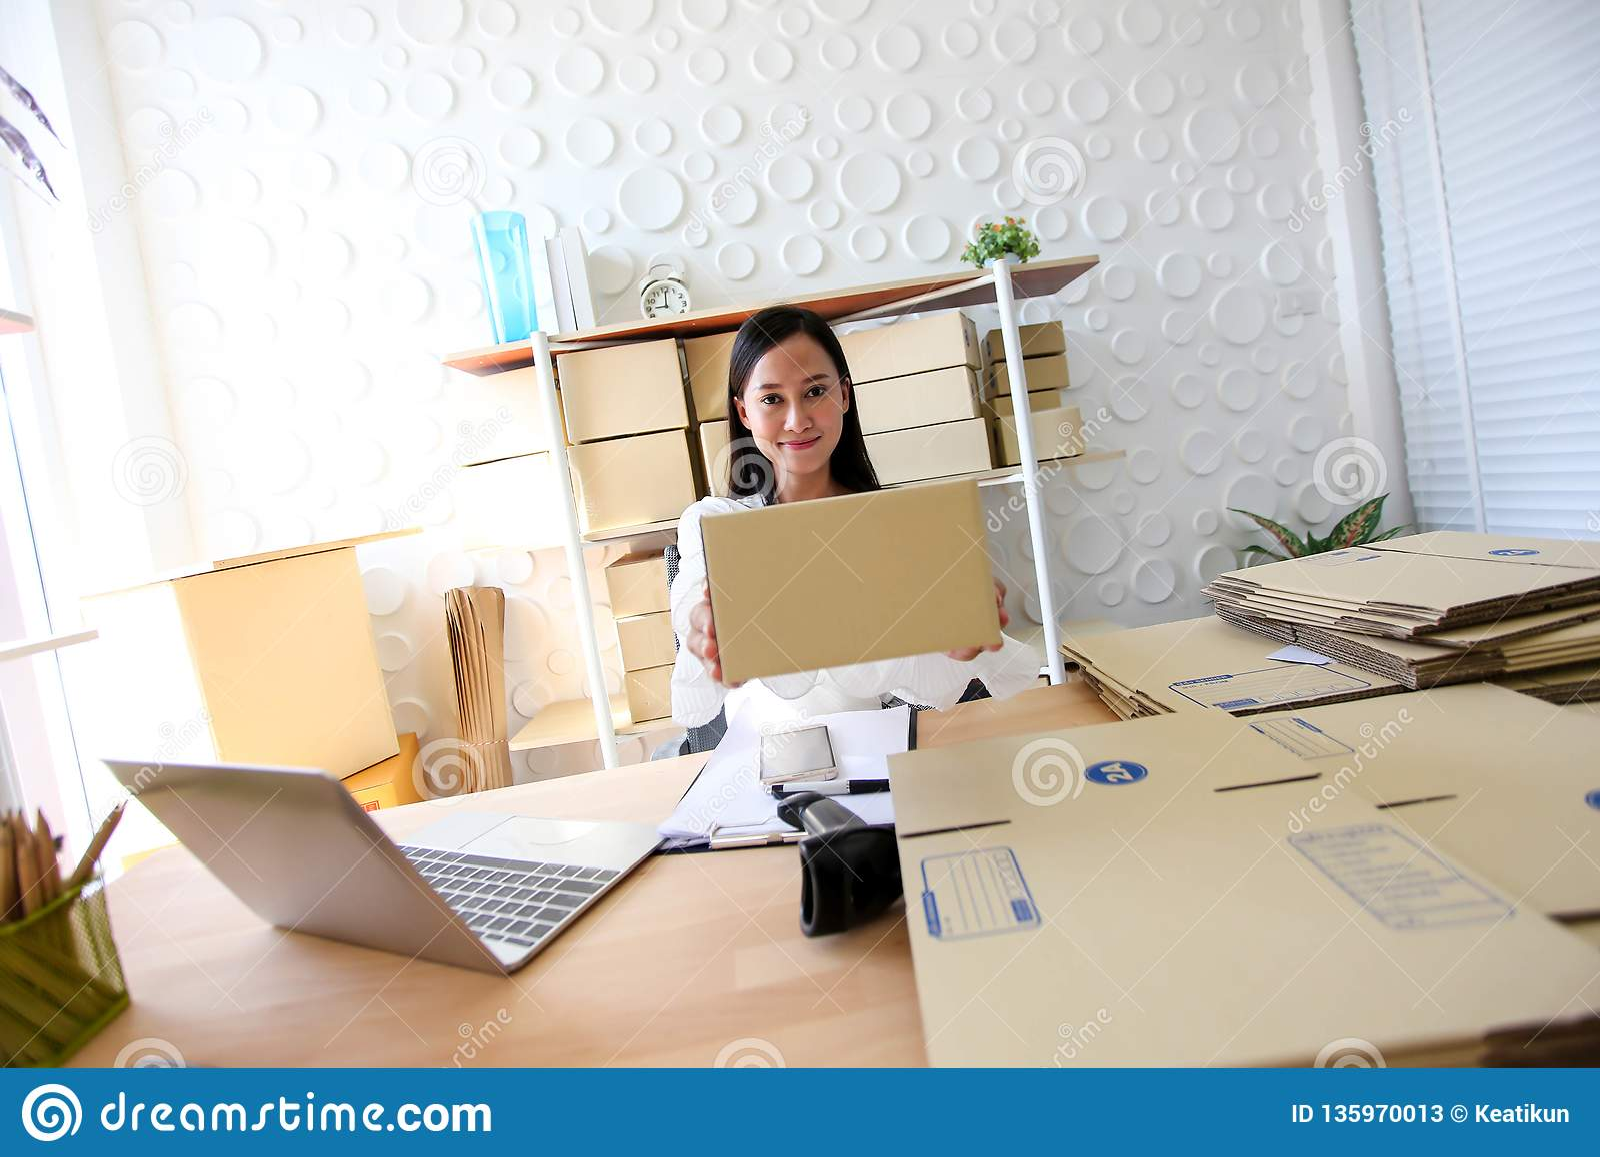 Het jonge Aziatische meisje is freelancer Start kleine het bedrijfseigenaar schrijven adres op kartondoos op werk, die het winkel